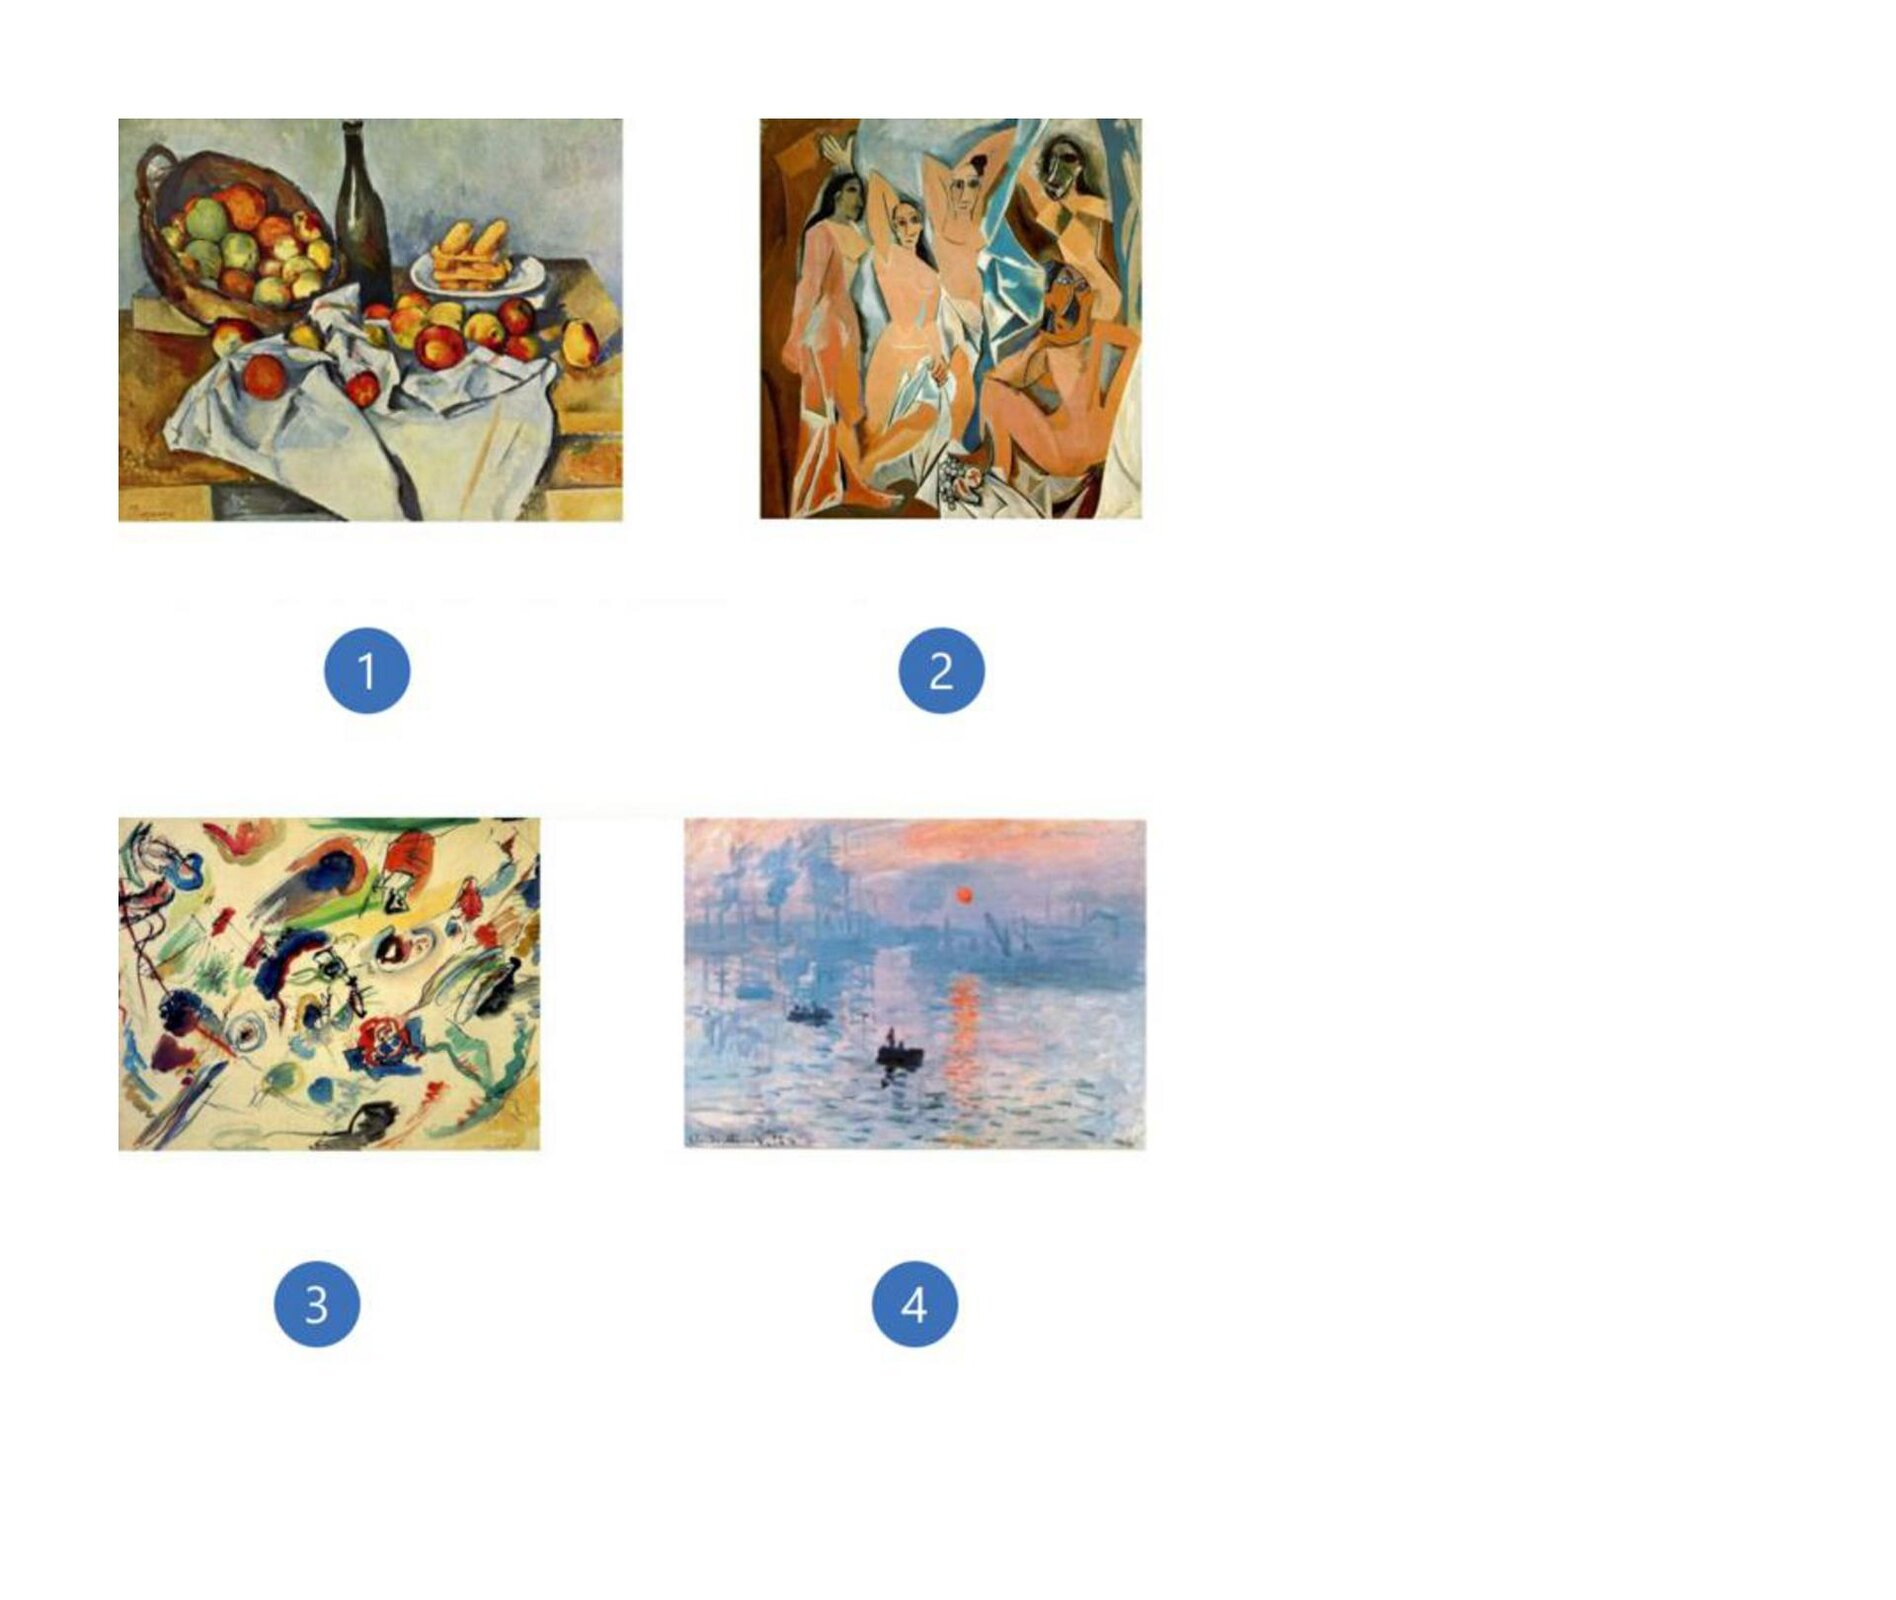 1. Paul Cézanne, Kosz jabłek, 1895, Instytut Sztuki wChicago, Chicago, USA 2. Pablo Picasso, Panny zAwinionu, 1907, Muzeum Sztuki Nowoczesnej (MoMA), Nowy Jork, USA 3. Wassily Kandinsky, bez tytułu (Pierwsza abstrakcja), 1910, Georges Pompidou Centre, Paryż, Francja 4. Claude Monet, Impresja, wschód słońca, 1872, Musée Marmottan Monet, Paryż, Francja